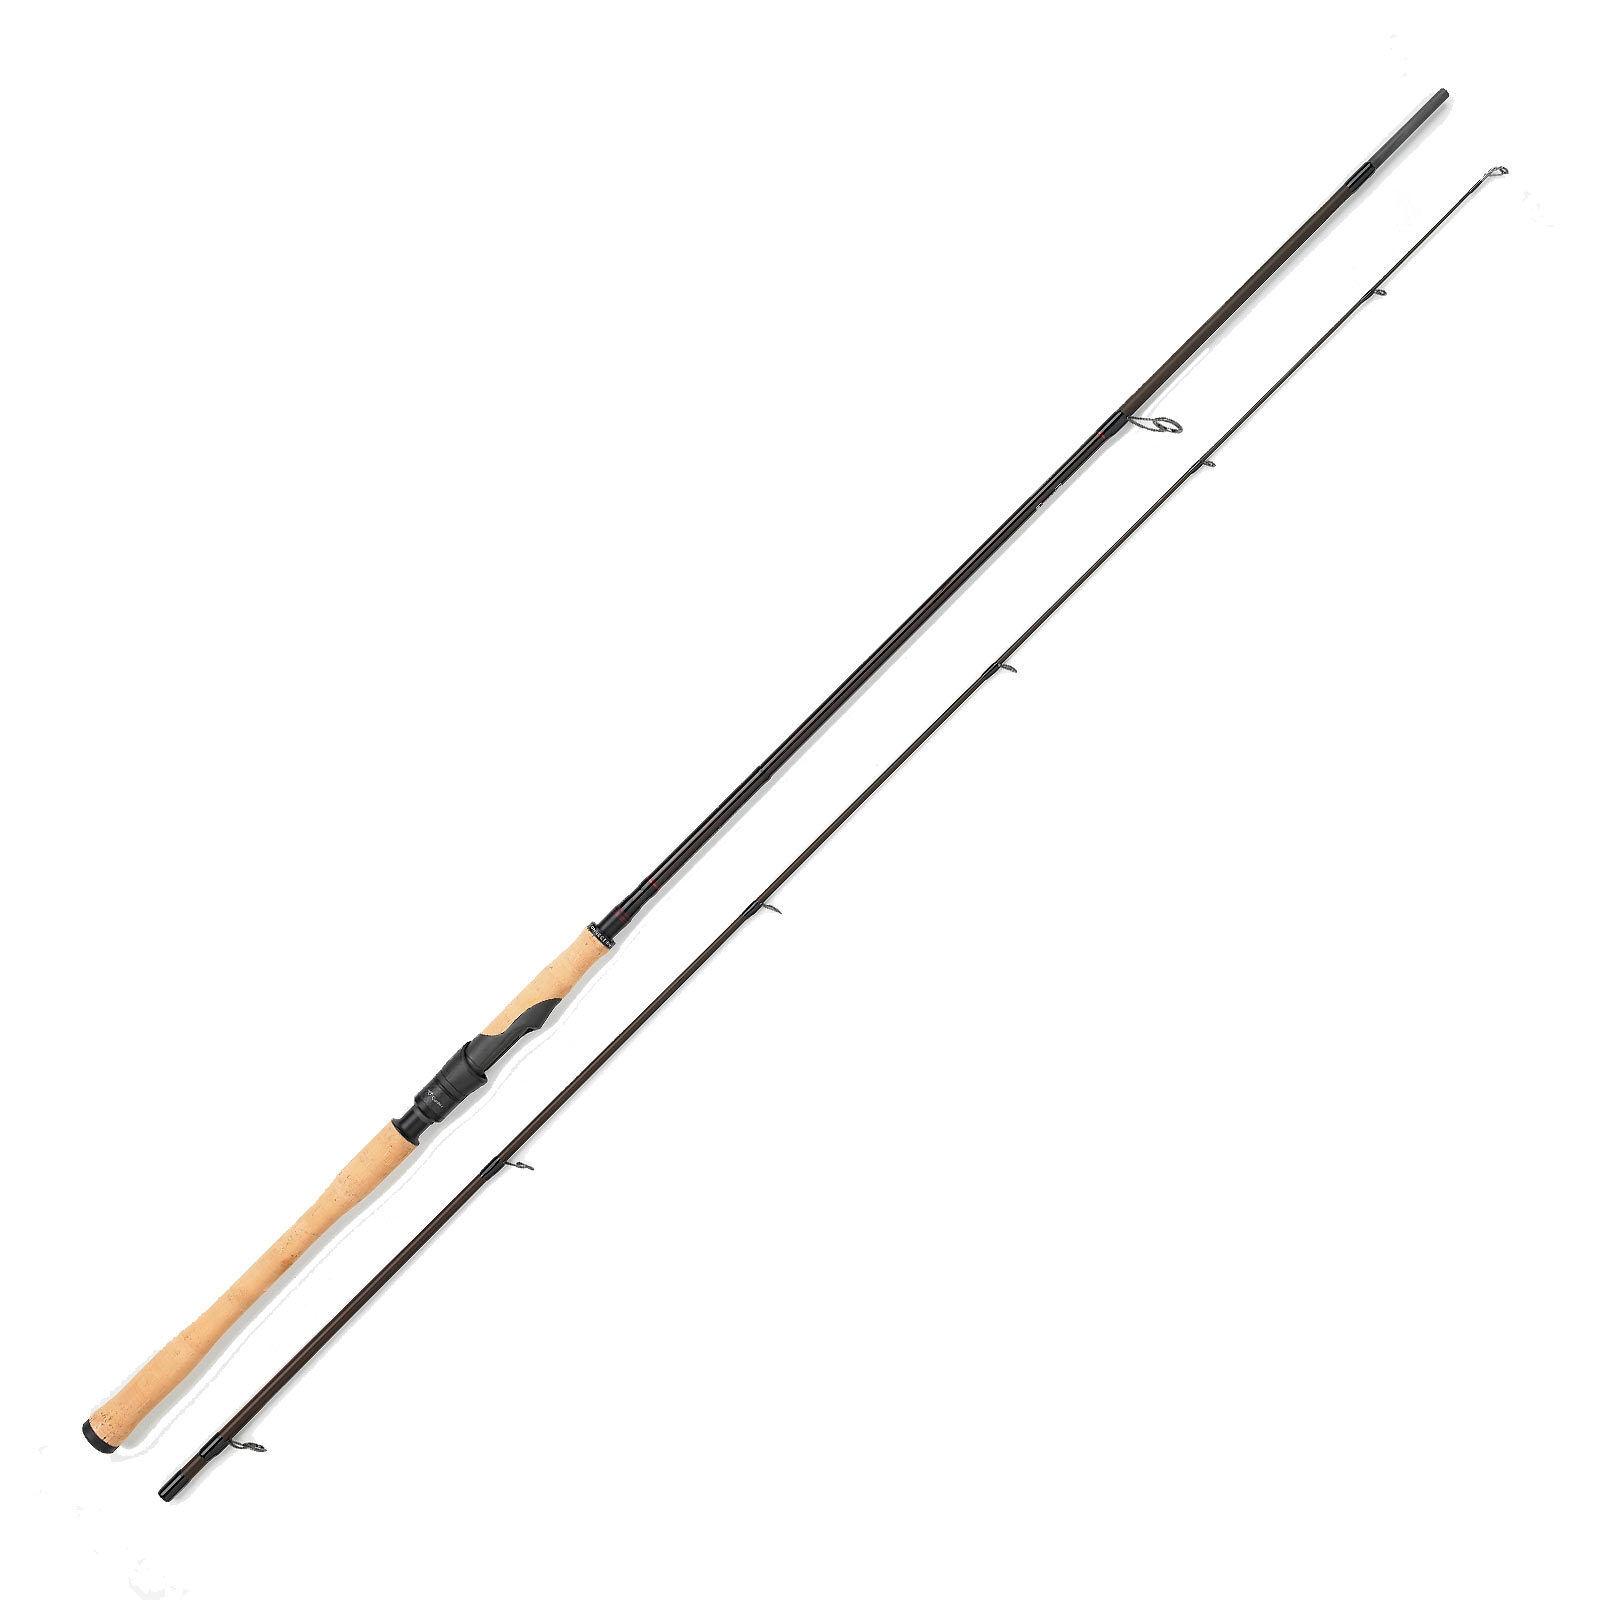 Westin Cocherete fijo caña de pesCoche pesca steckrute-w4 powerlure 240 xh 25-80g